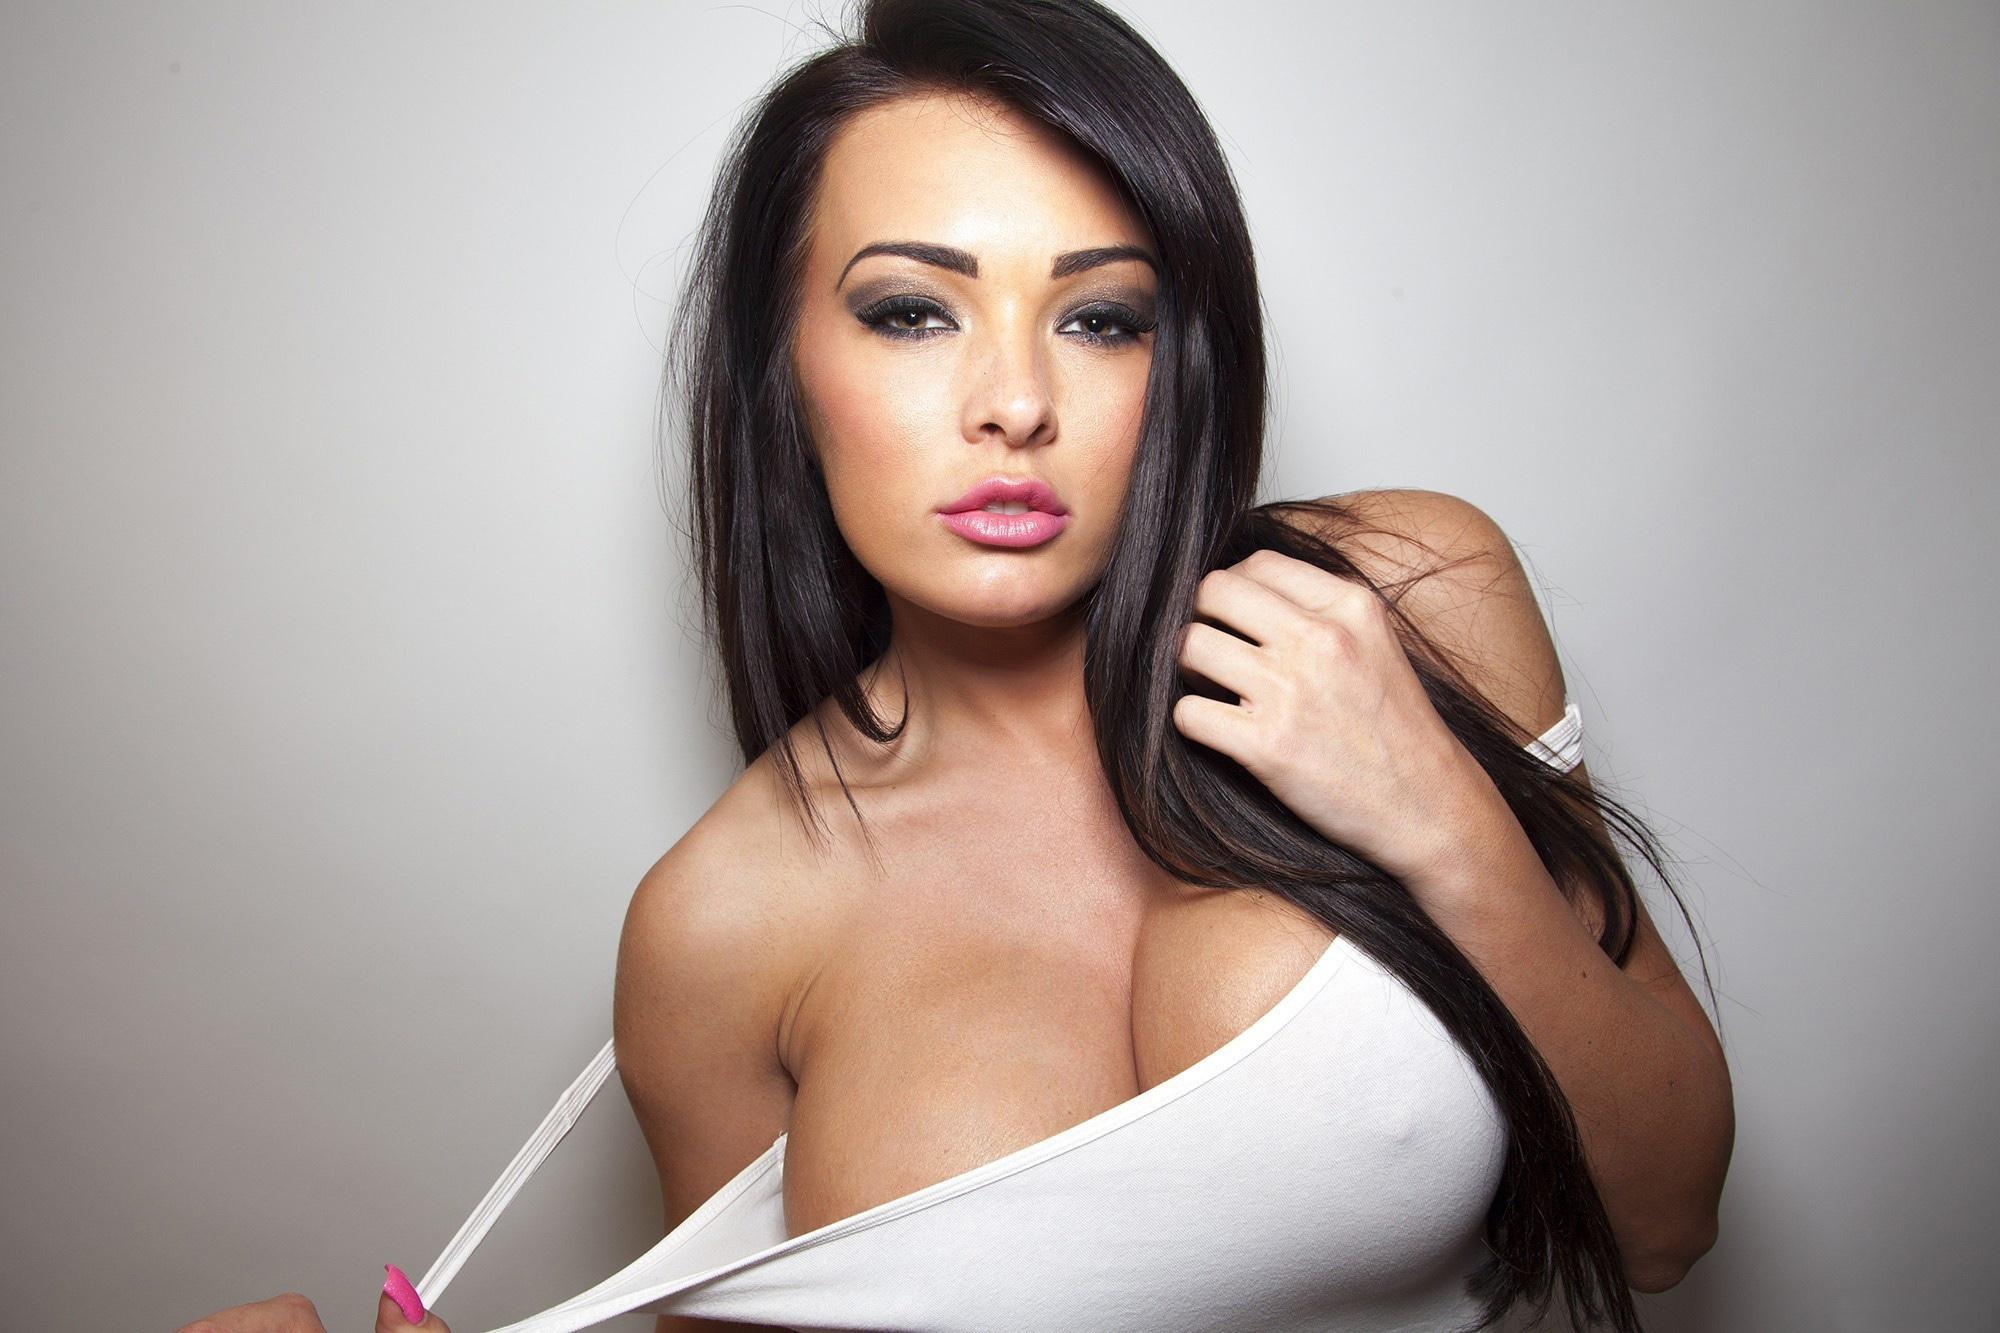 svyazali-yaichki-parnya-porno